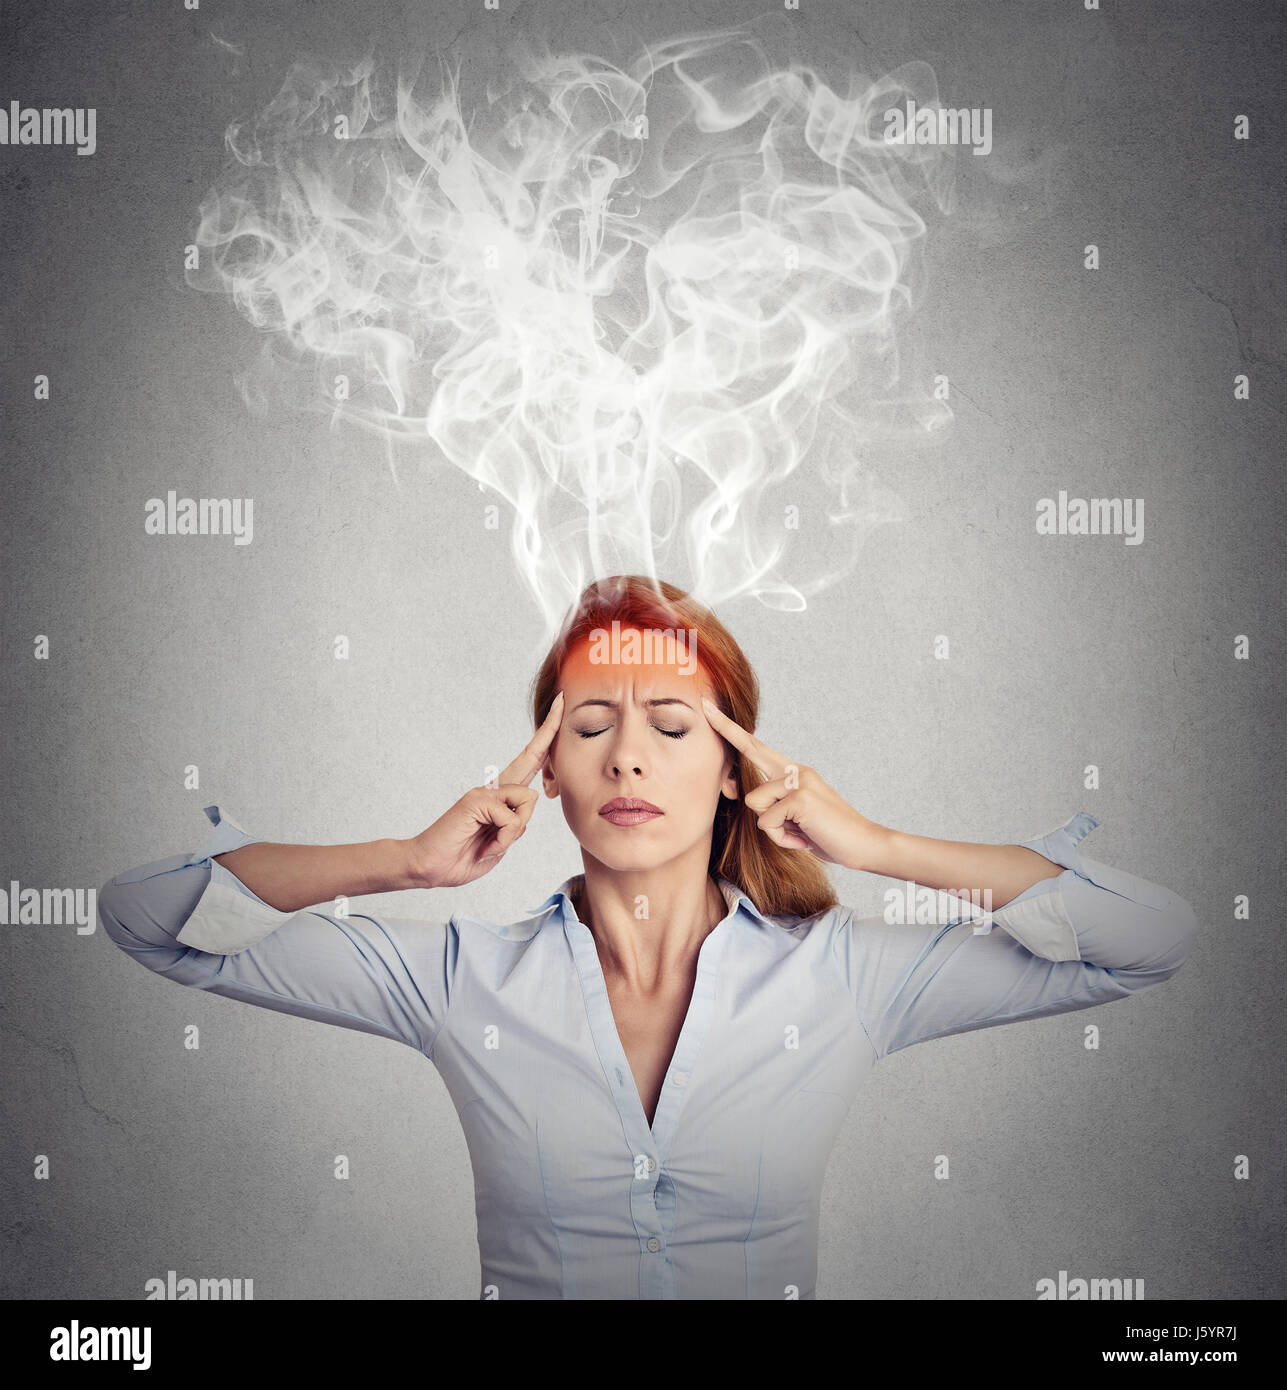 Ritratto di giovane donna pensando troppo duro del vapore in uscita della testa isolata sul muro grigio Sfondo. Immagini Stock